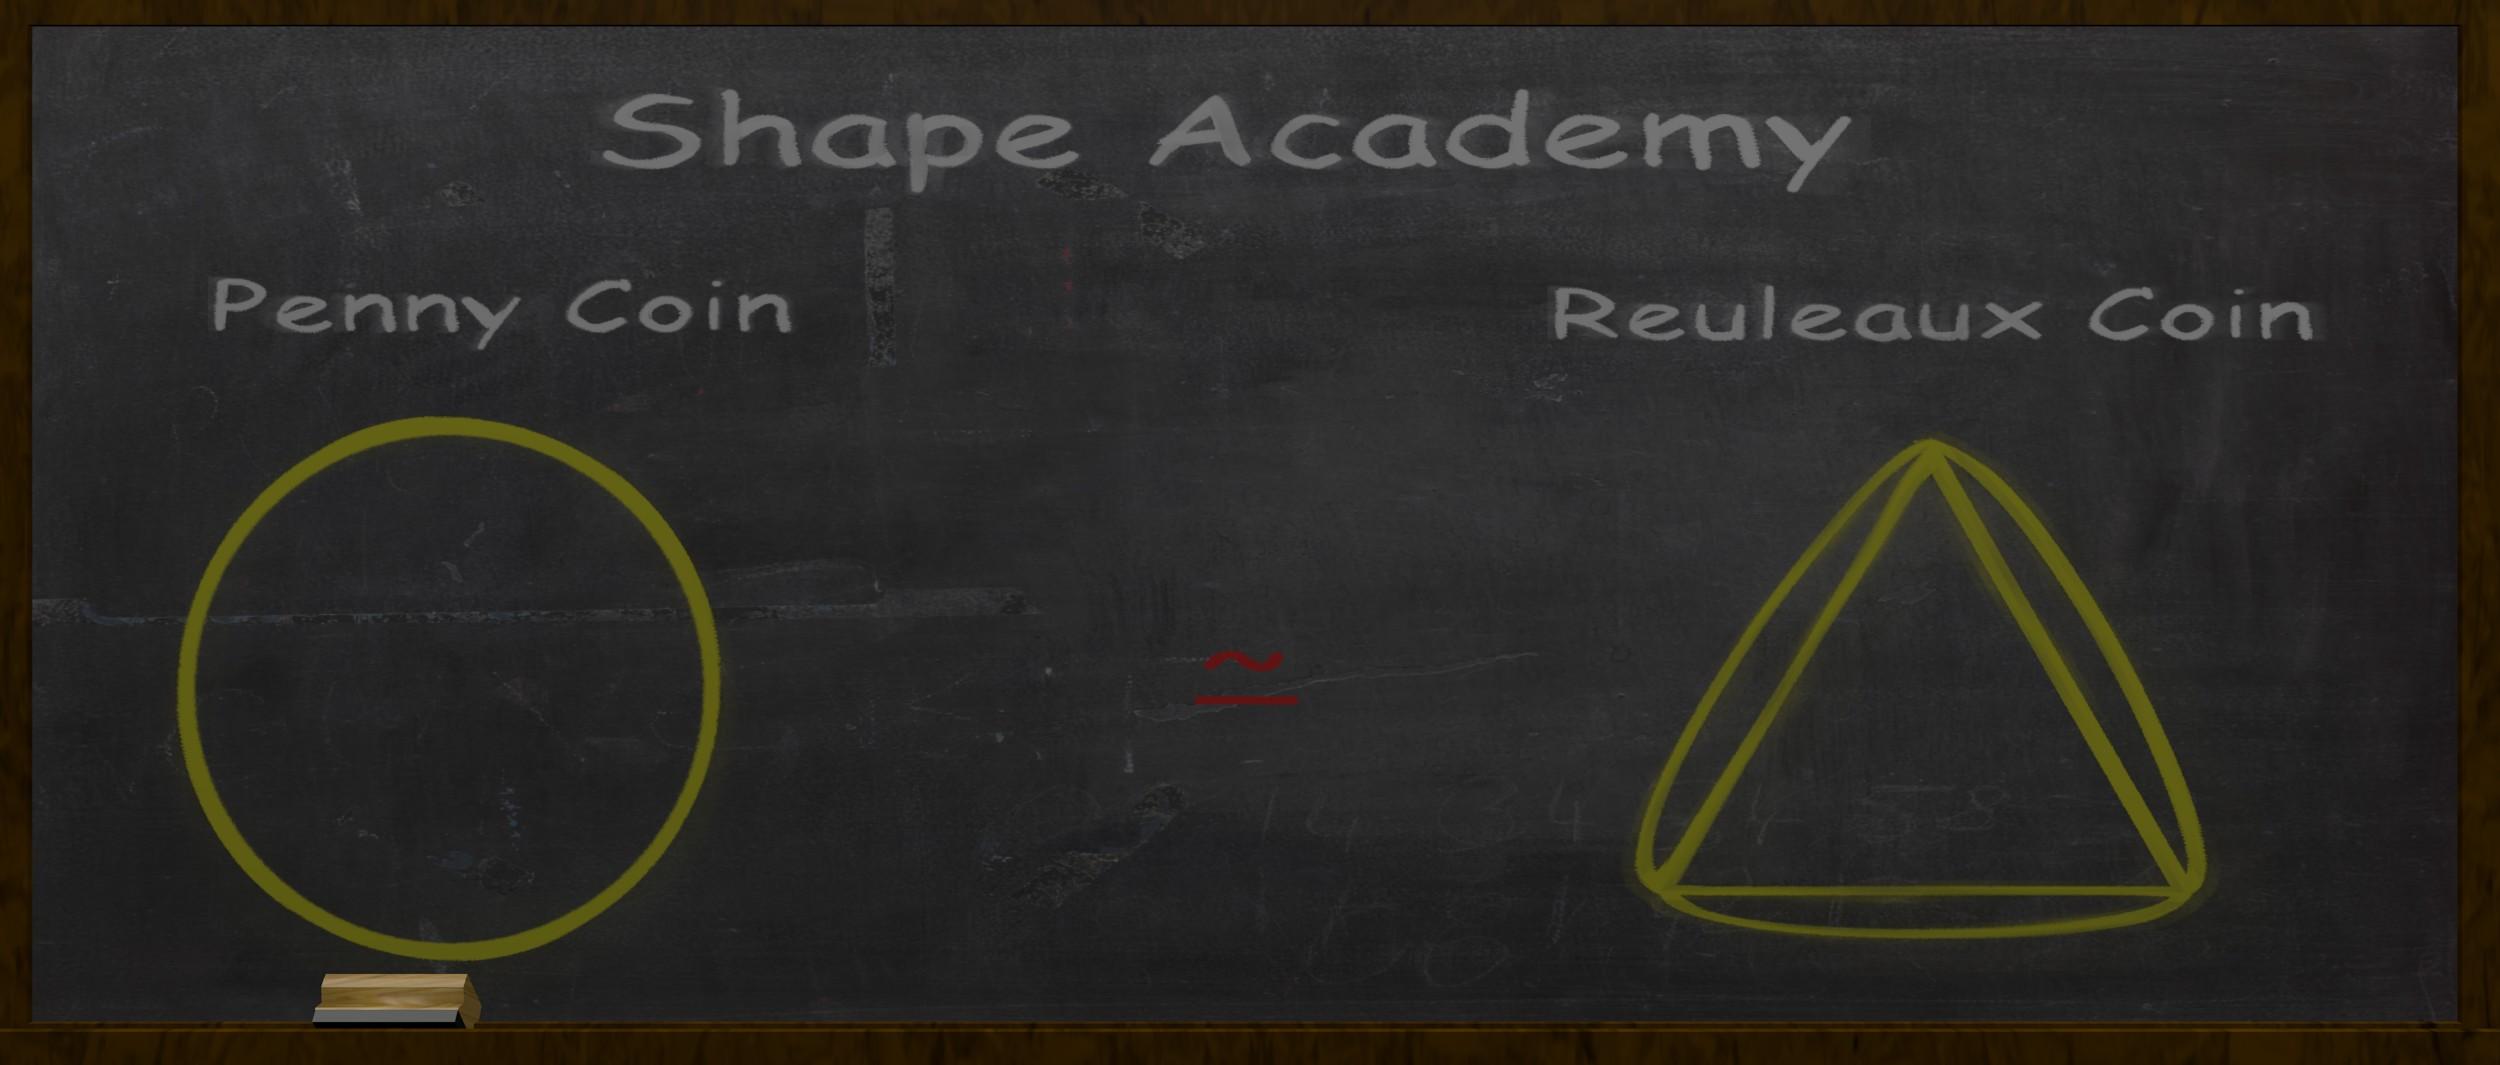 Shape Academy